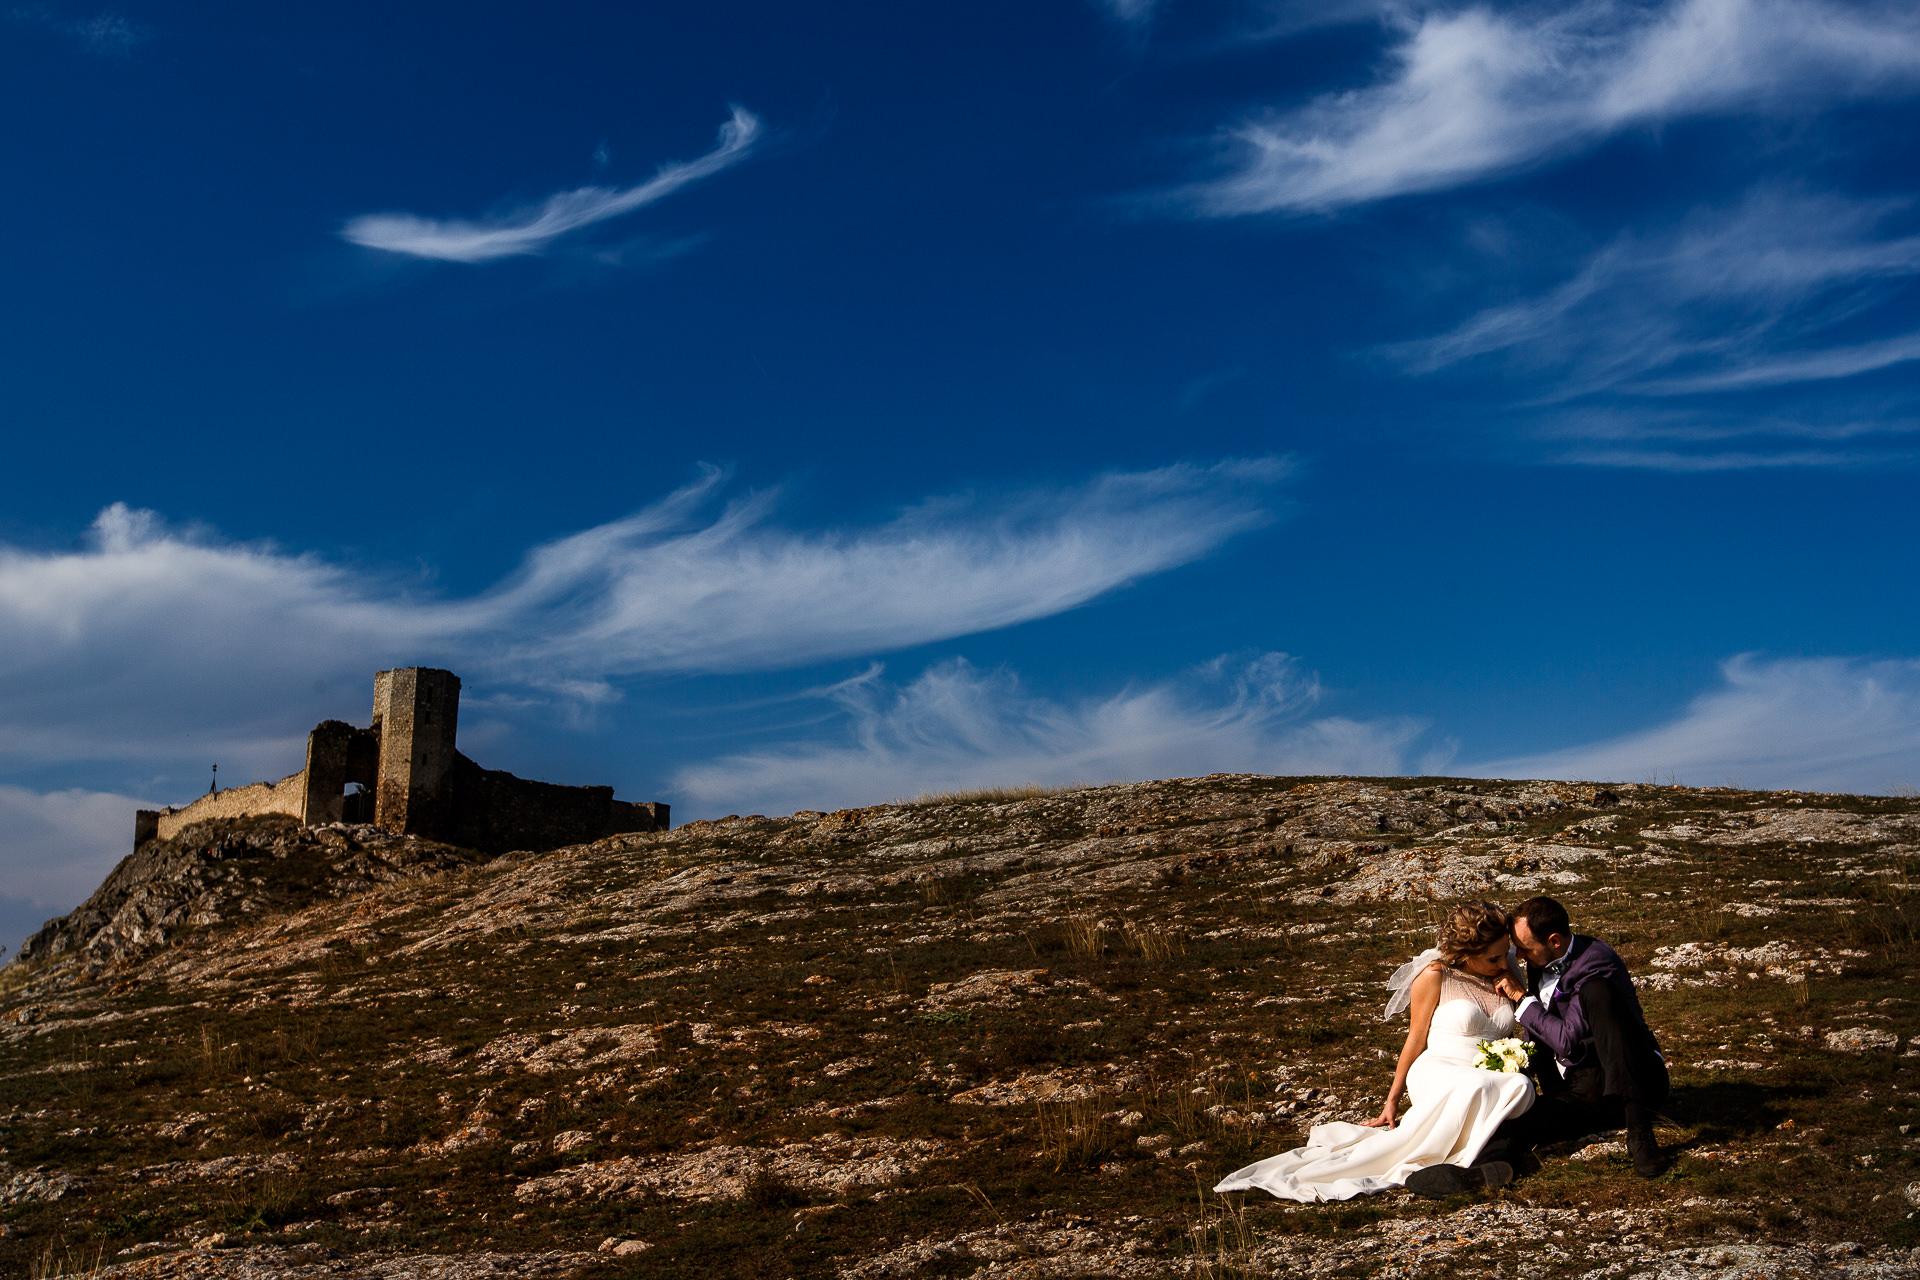 Şedinţă foto Trash The Dress - după nuntă la Cetatea Enisala, Tulcea - România - cu Mihaela şi Octavian - Mihai Zaharia Photography - 02